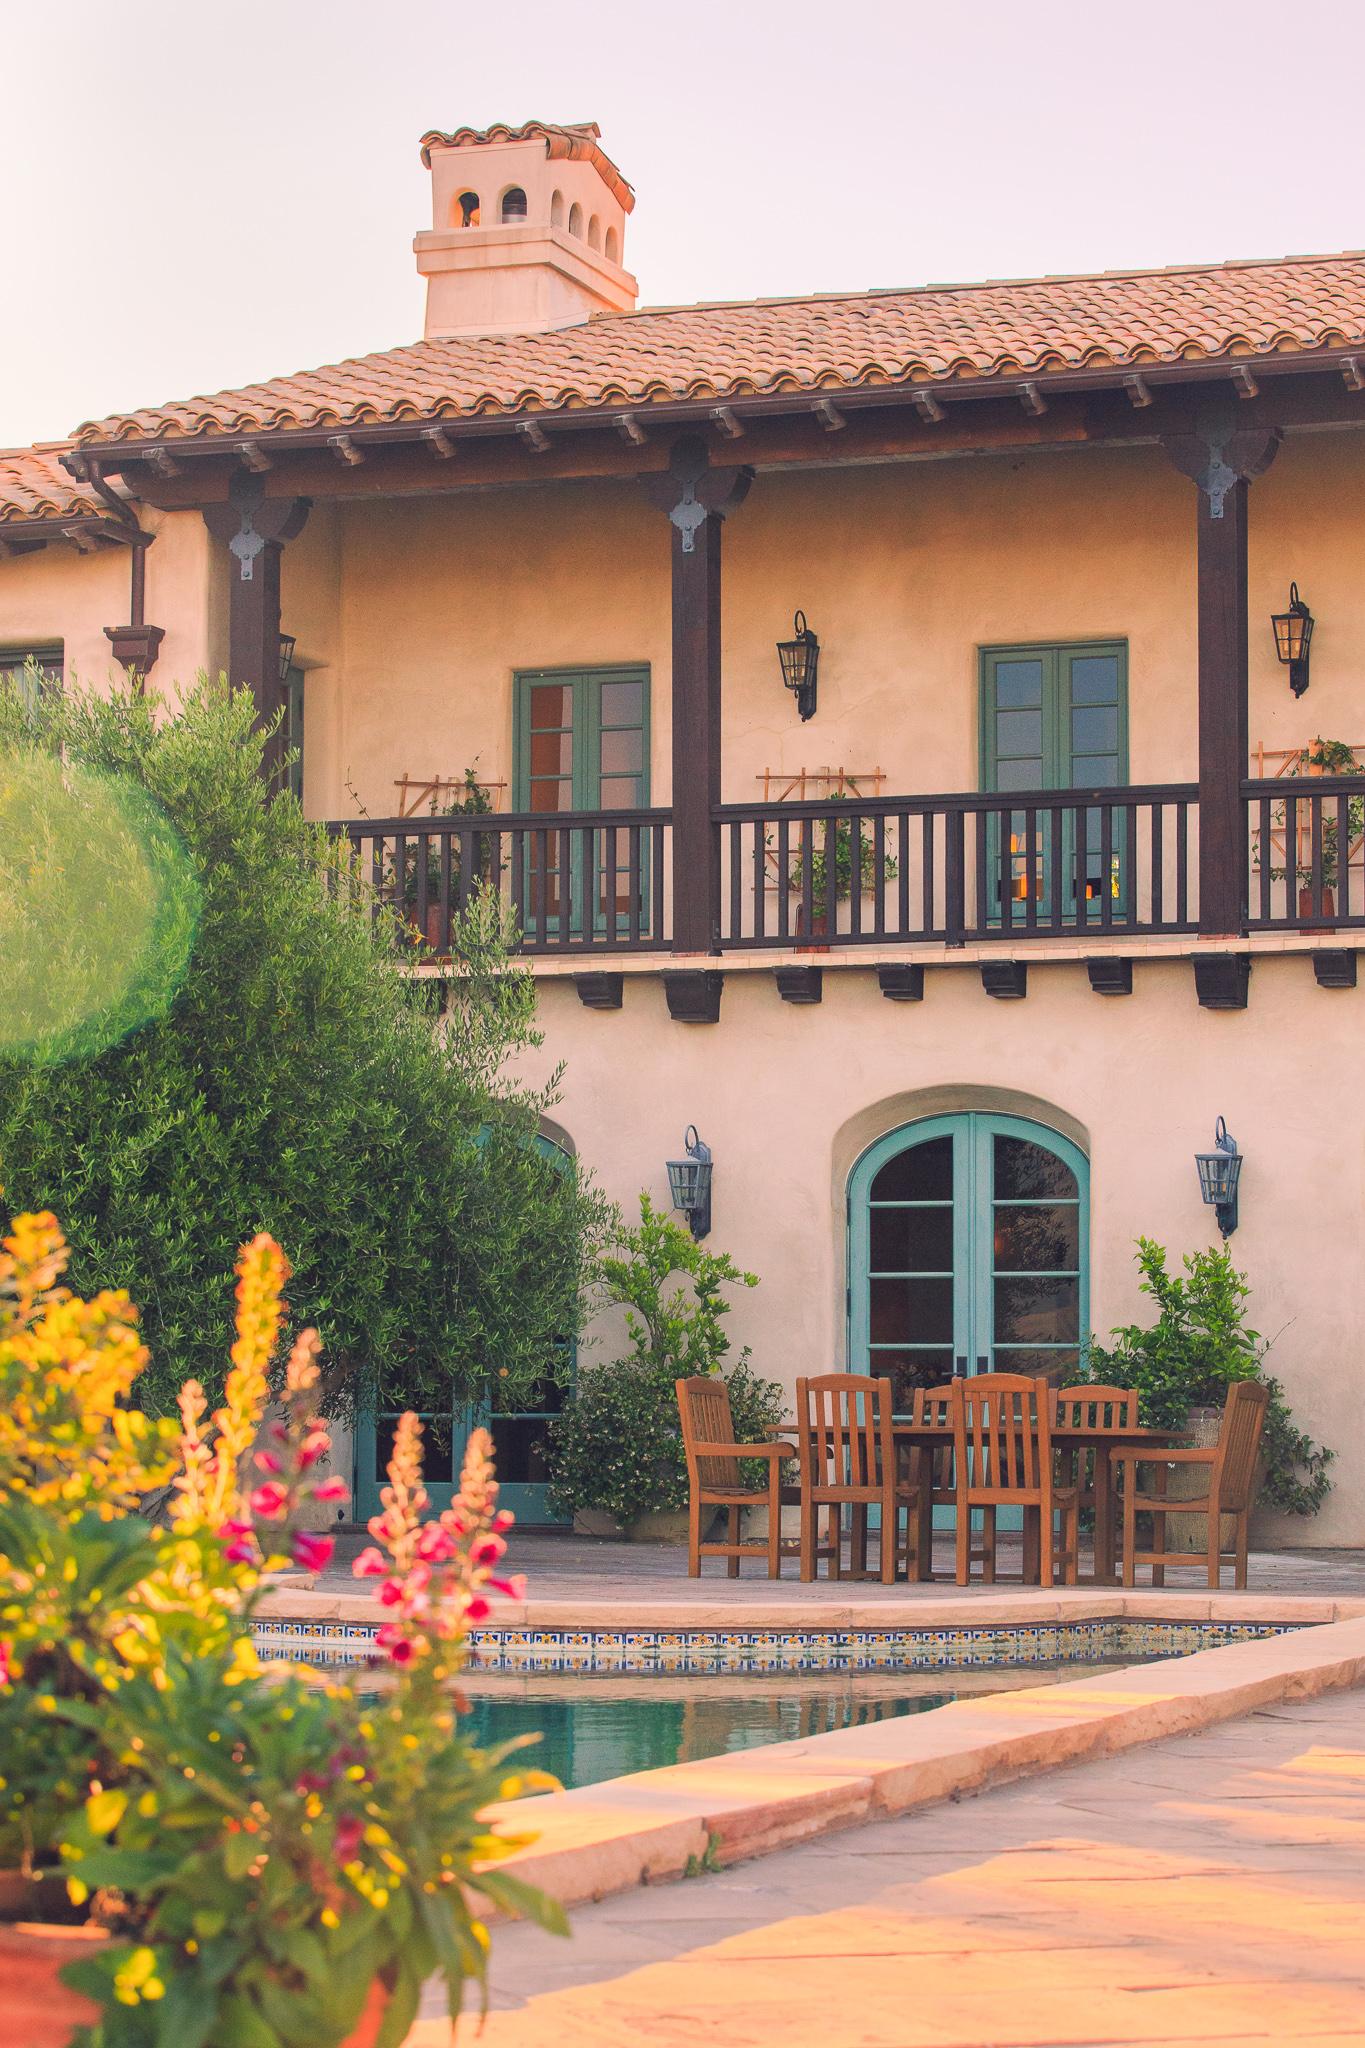 Figueroa.Farms.Interior.UO4A1444.High.Res.Final.jpg